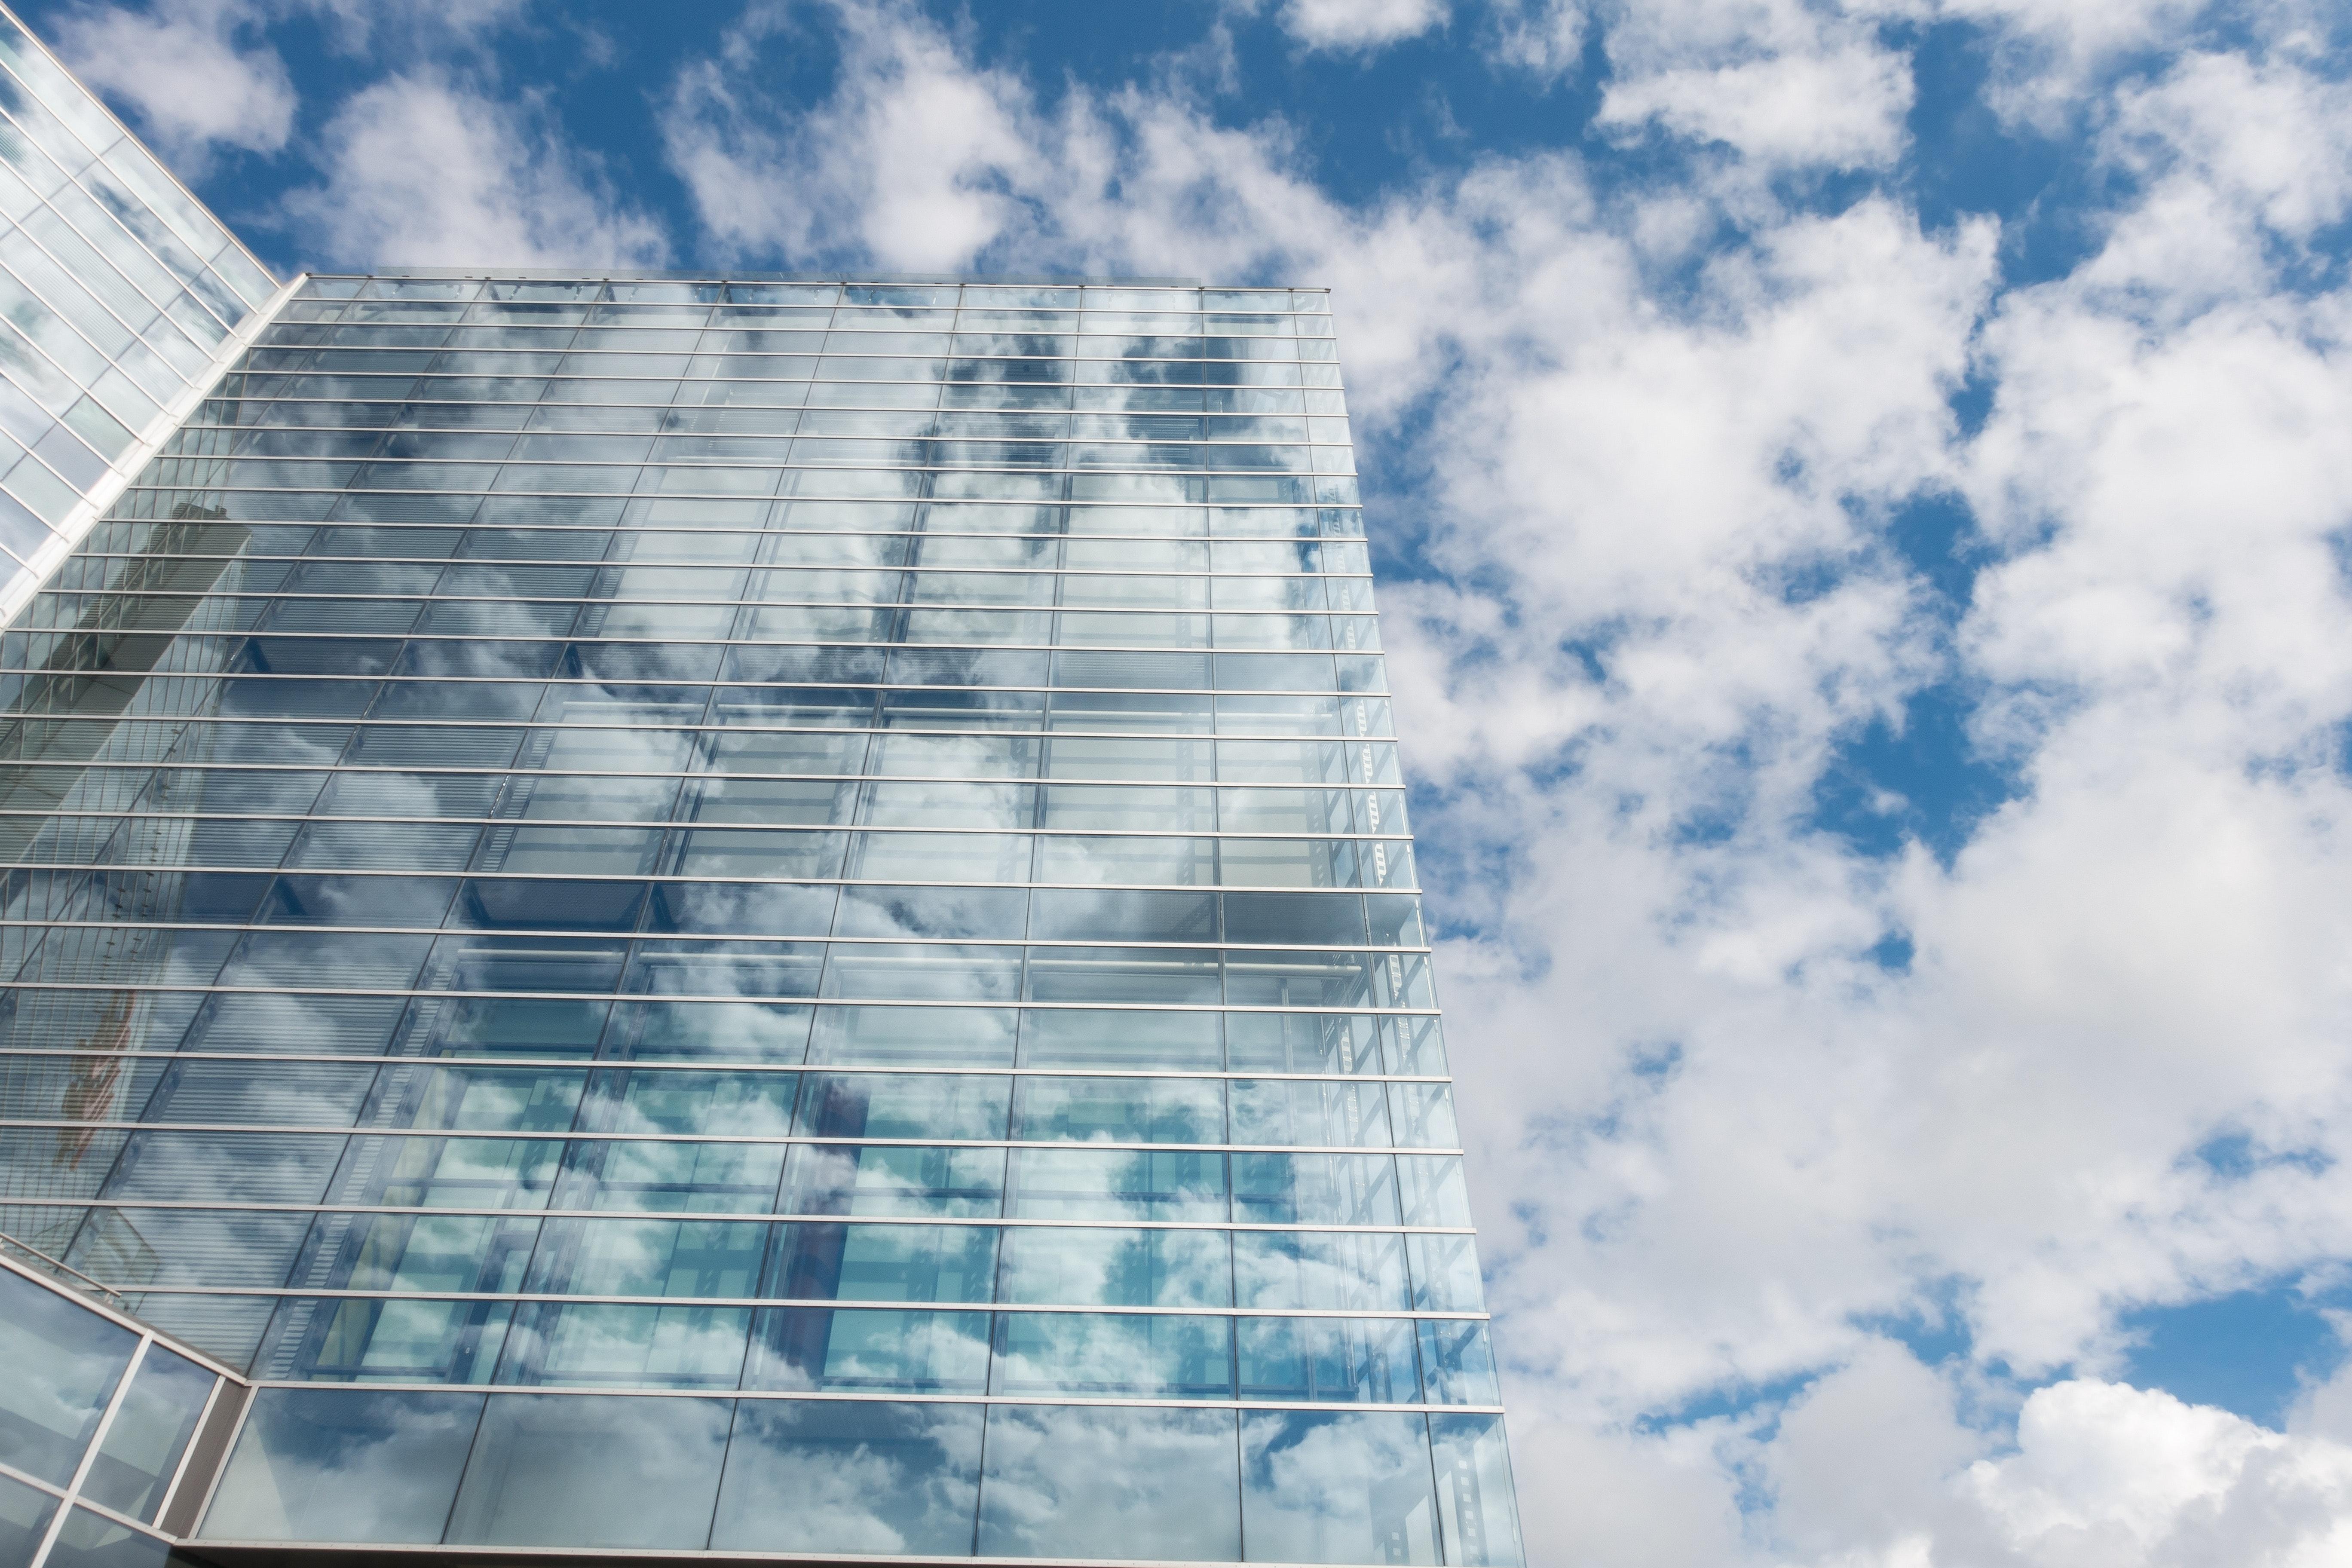 architecture-blue-building-164444